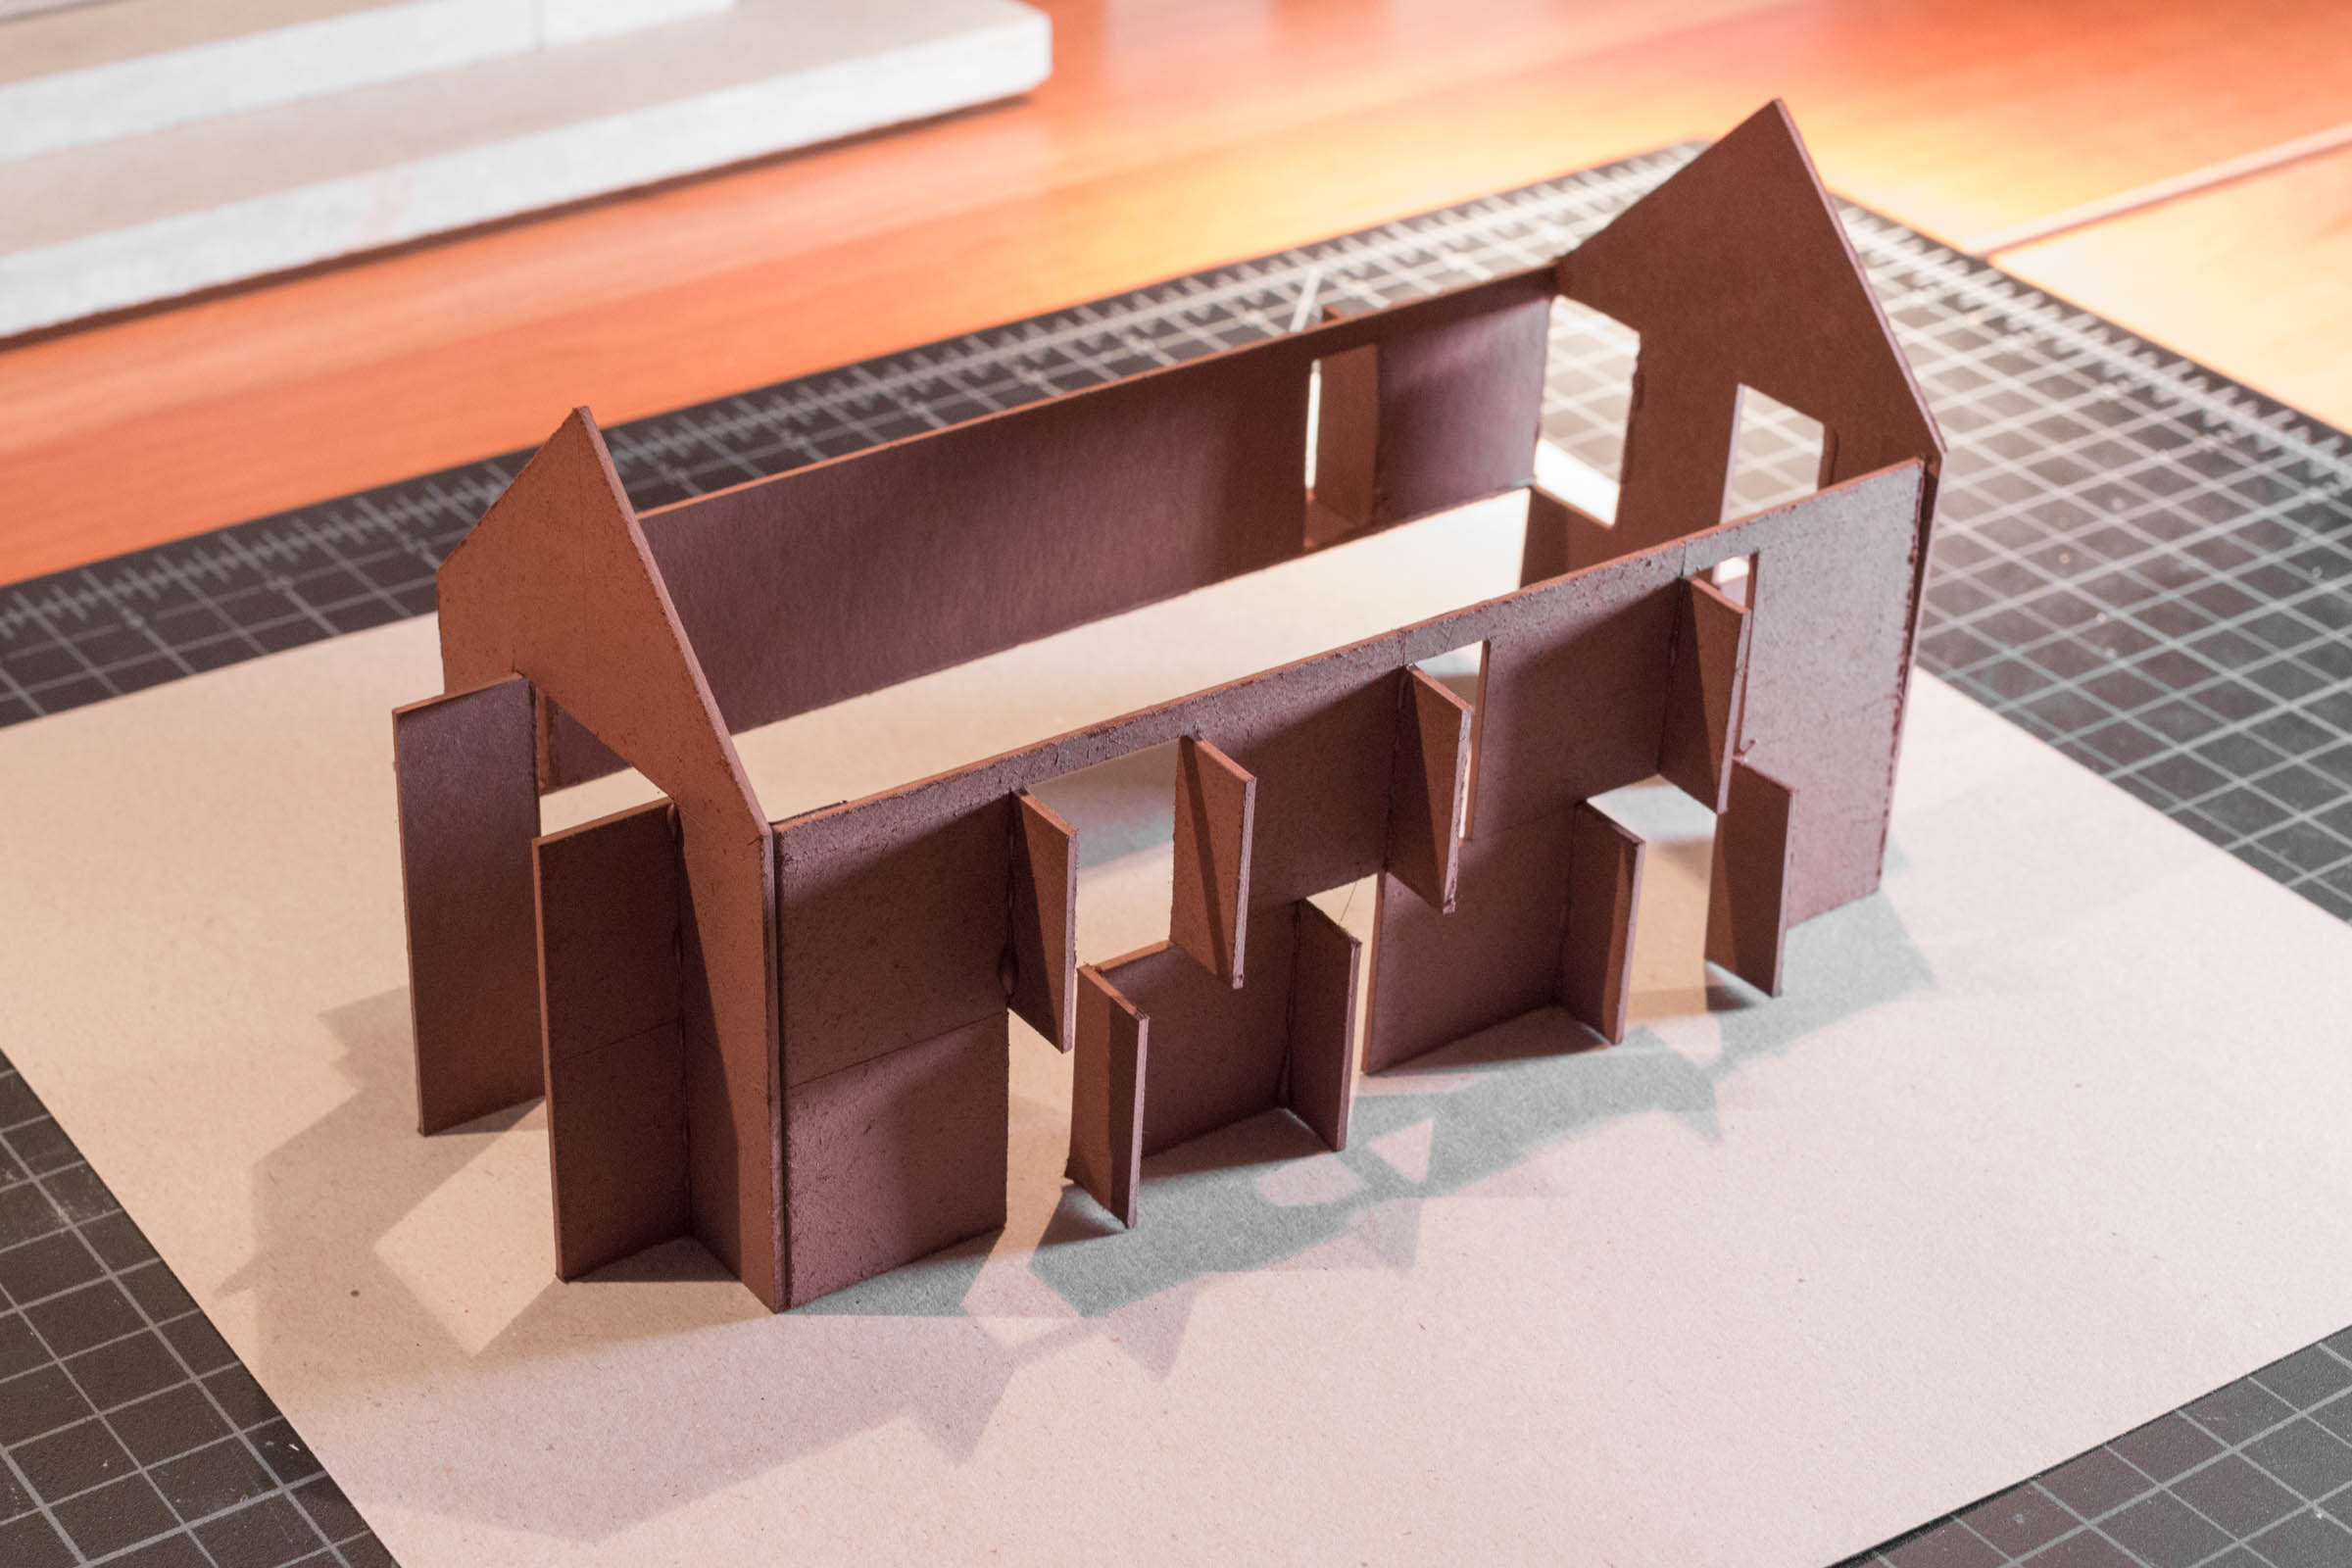 model making techniques-6.jpg